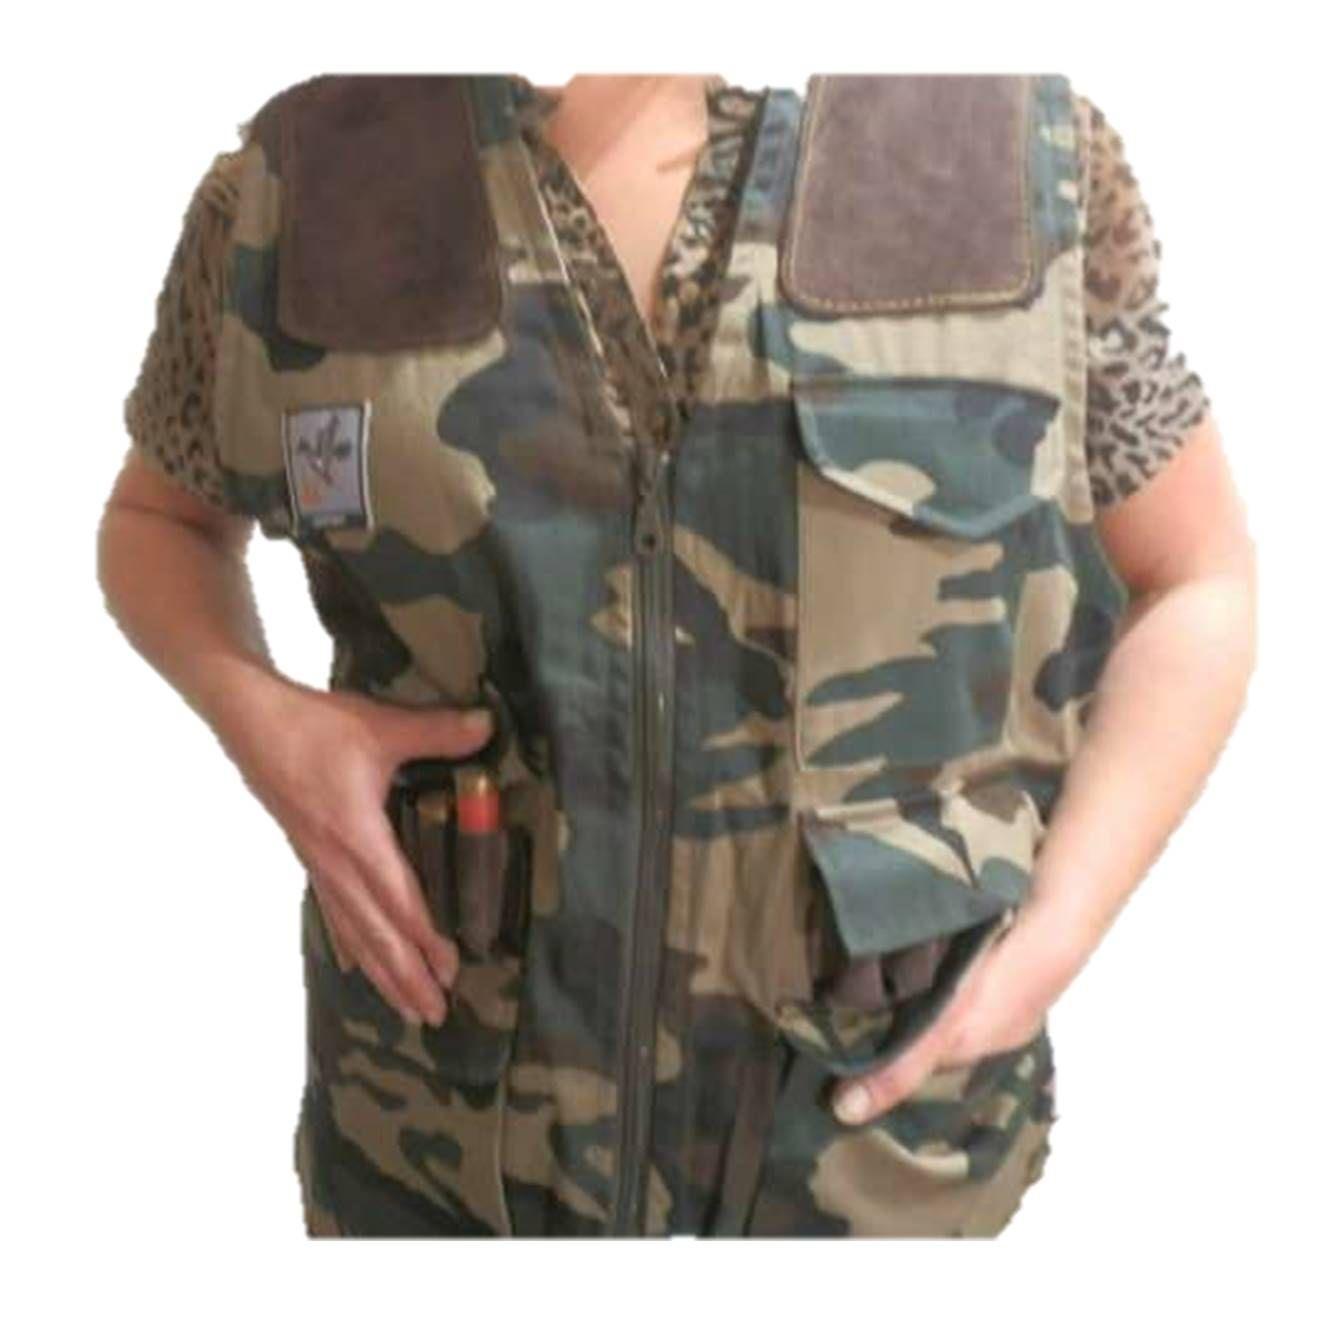 Chaleco porta cartuchos en camuflaje, artesanal, varias medidas: Tienda online de Artículos de Caza